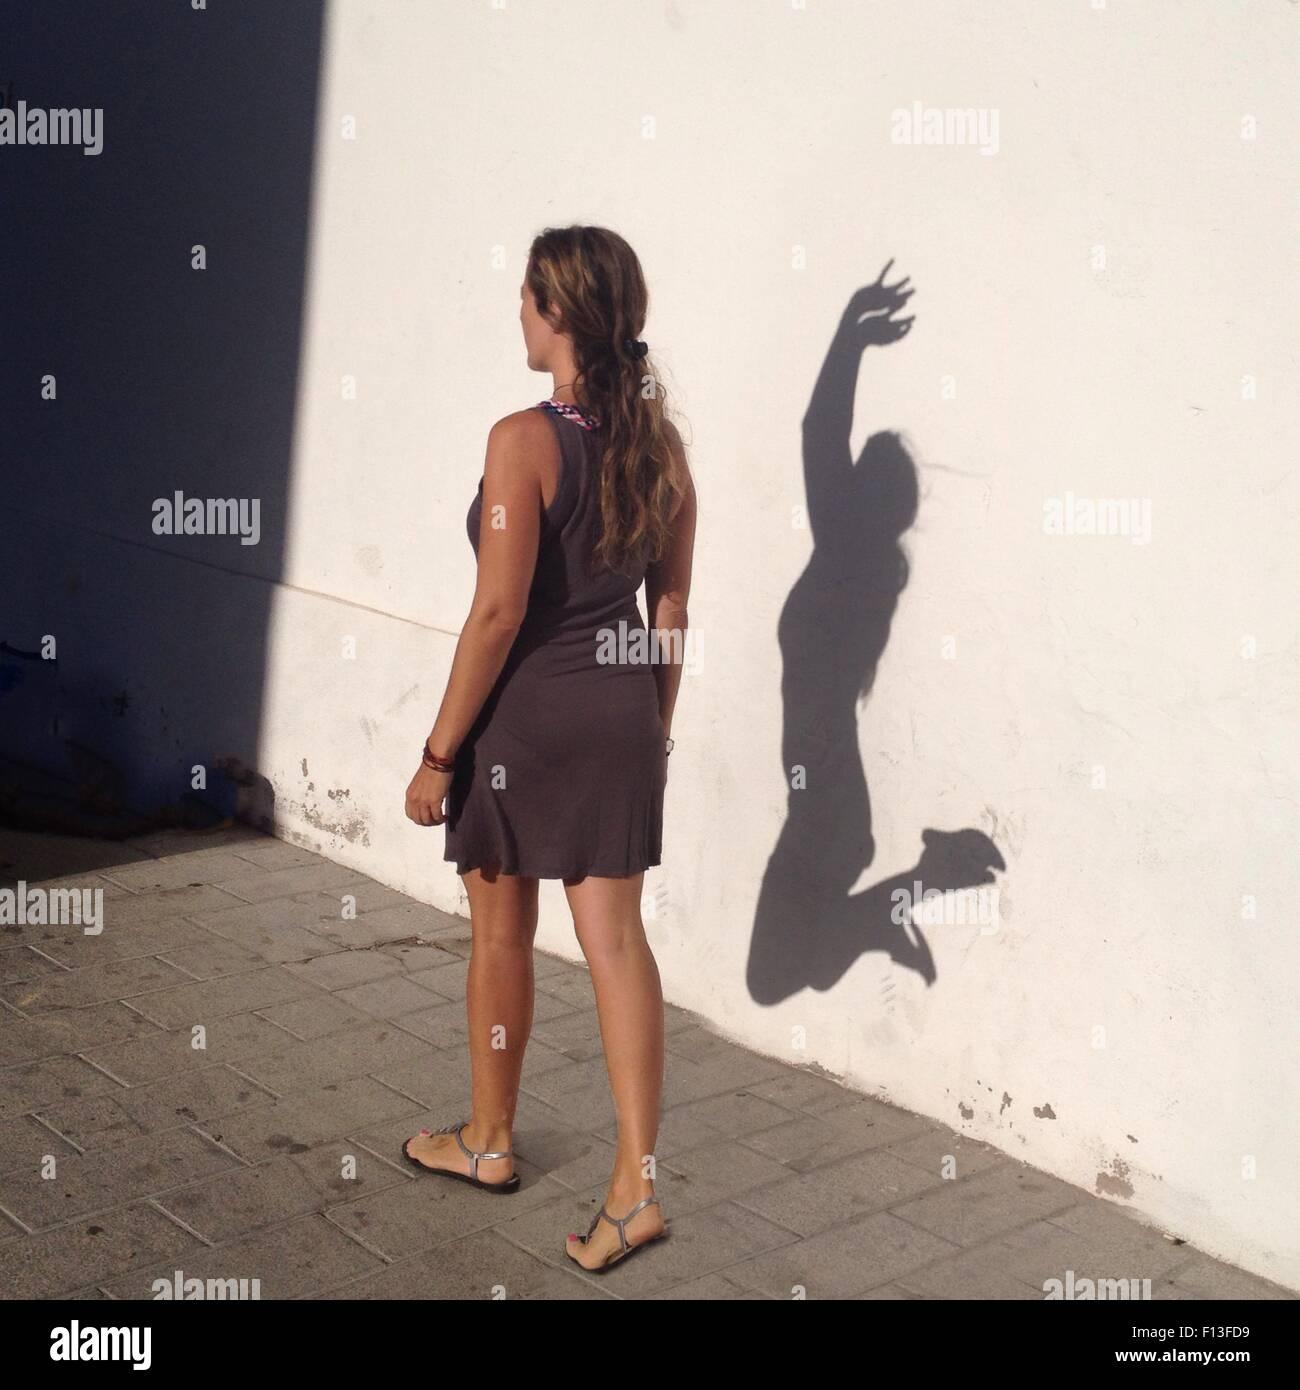 Donna che cammina con un alter ego ombra salti di gioia Immagini Stock